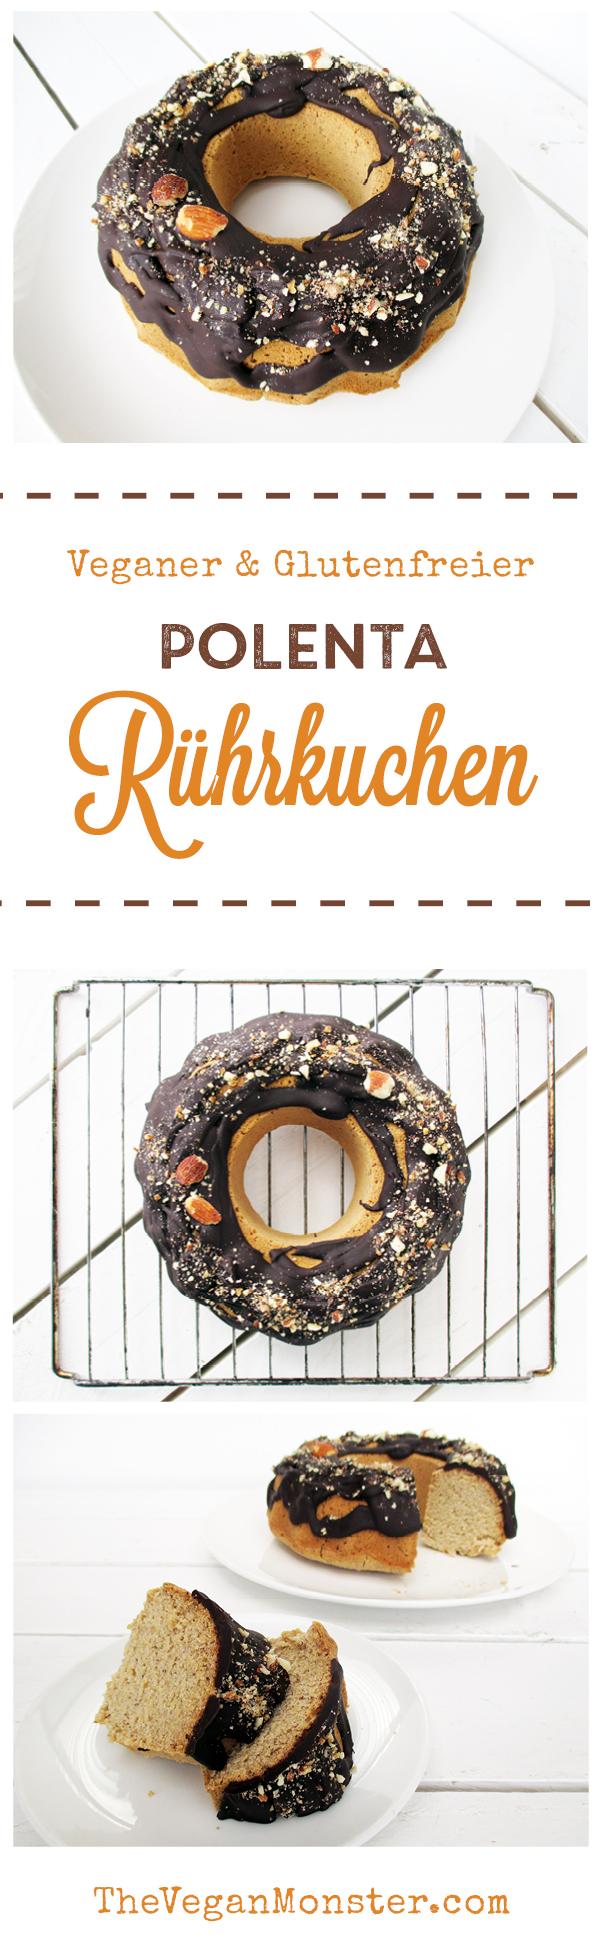 Veganer Glutenfreier Saftiger Polenta Ruehrkuchen Rezept